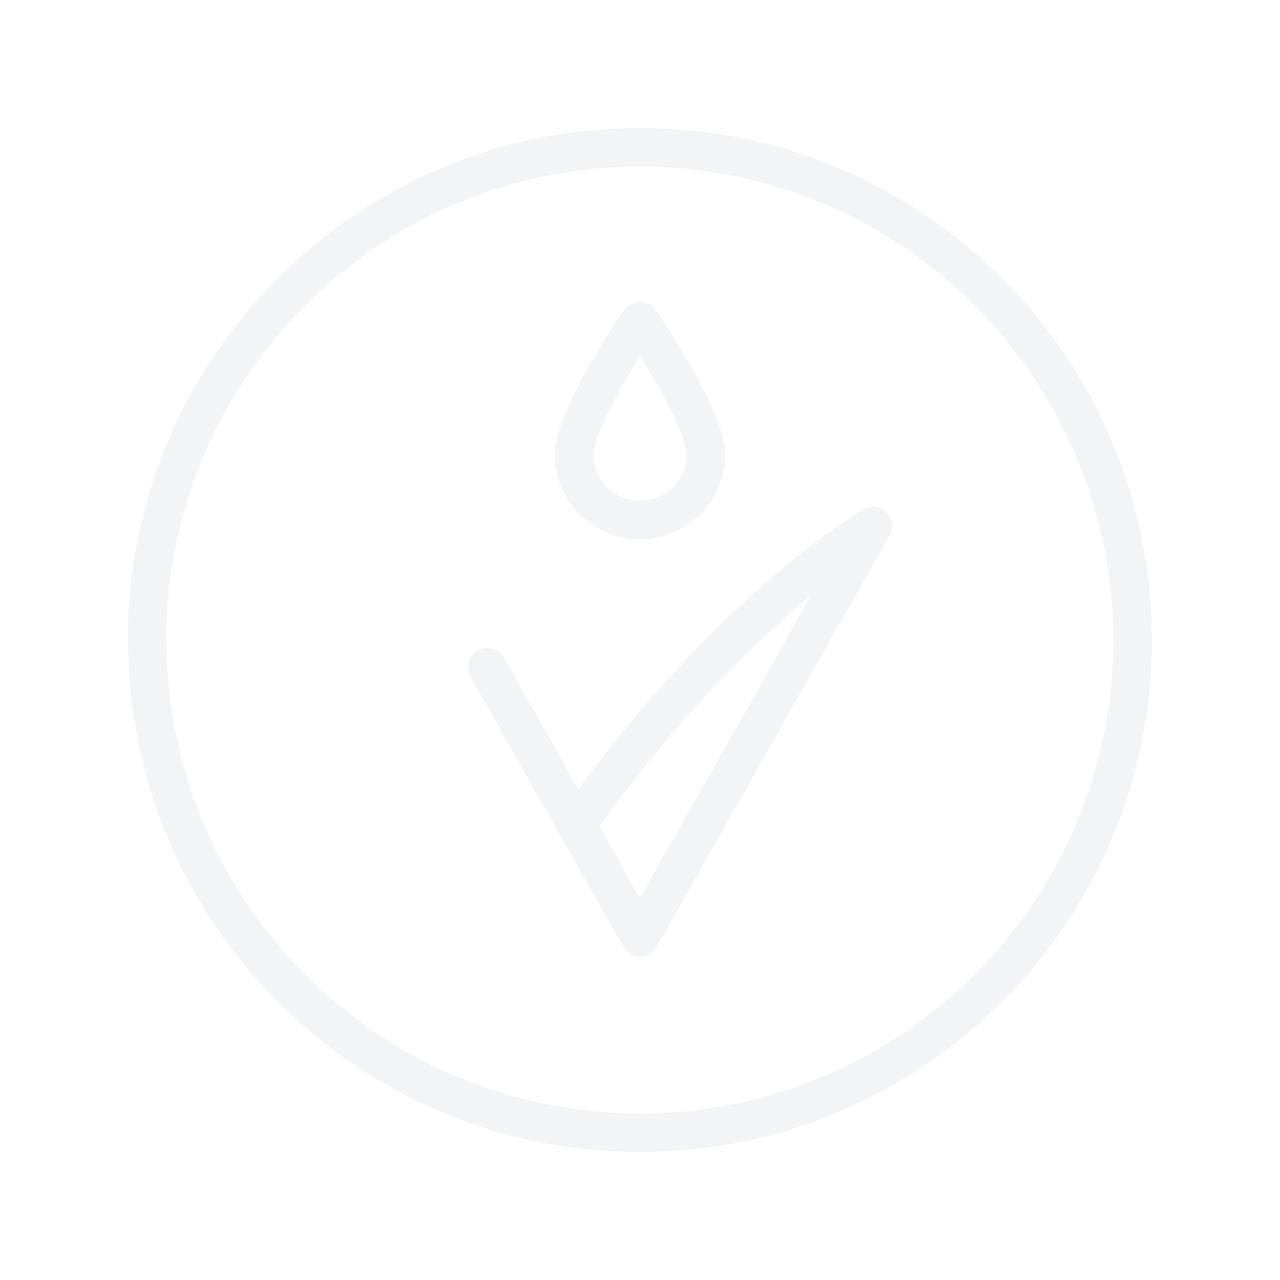 CLINIQUE Superbalanced Silk Makeup SPF15 легкий тональный крем SPF 15 30ml